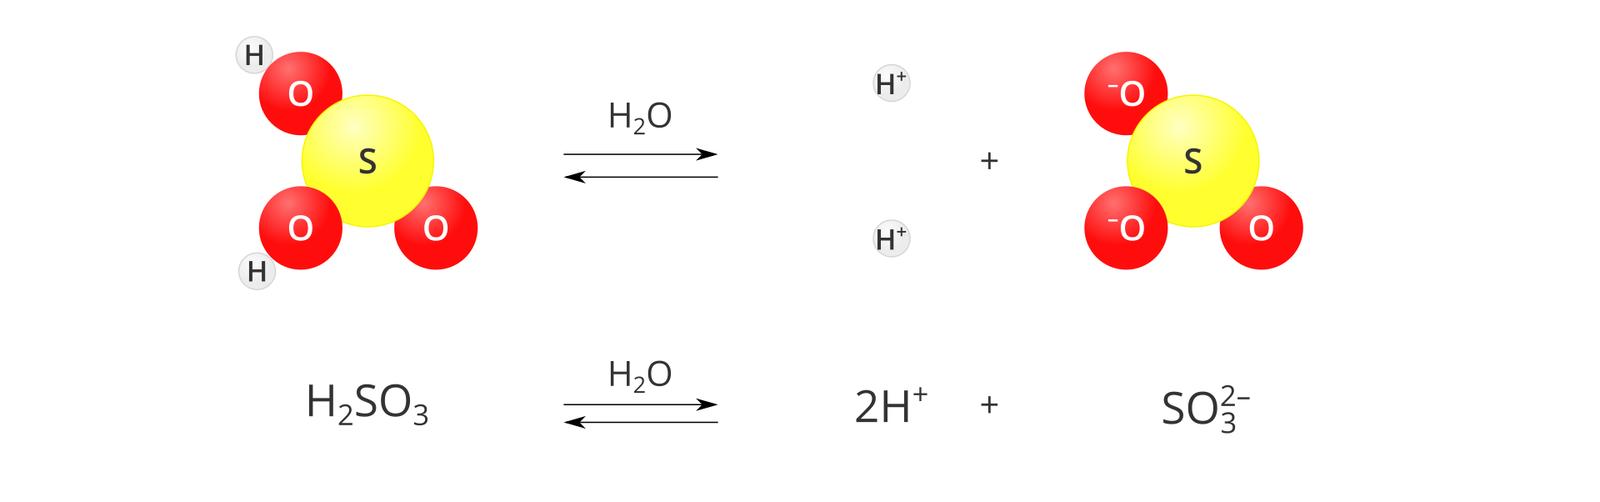 Modelowy schemat dysocjacji kwasu siarkowego cztery. Po lewej stronie planszy znajduje się model cząsteczki kwasu zbudowany zjednej żółtej kuli oznaczonej literą S, przylegających do niej trzech czerwonych kul oznaczonych literą Ooraz dwóch szarych, małych kulek oznaczonych literą H, przylegających do atomów tlenu po lewej stronie cząsteczki. Po prawej stronie modelu znajduje się znak reakcji dwustronnej wpostaci dwóch równoległych strzałek, zktórych górna skierowana jest wprawo, adolna wlewo. Nad strzałką znajduje się wzór H2O. Środkową iprawą część planszy zajmuje zapis rozpadu na jony: dwie małe szare kulki oznaczone jako Hplus, znak dodawania oraz model reszty kwasowej zżółtą kulą iliterą Swśrodku oraz trzema przylegającymi do niej czerwonymi kulami zliterą O. Na dwóch ztych kul po lewej stronie litery Owindeksie górnym znajduje się znak minus. Pod ilustracją sumaryczny zapis reakcji: H2SO4 pod wpływem wody dysocjuje na dwa kationy wodoru Hplus ijeden anion siarczanowy SO3 dwa minus.